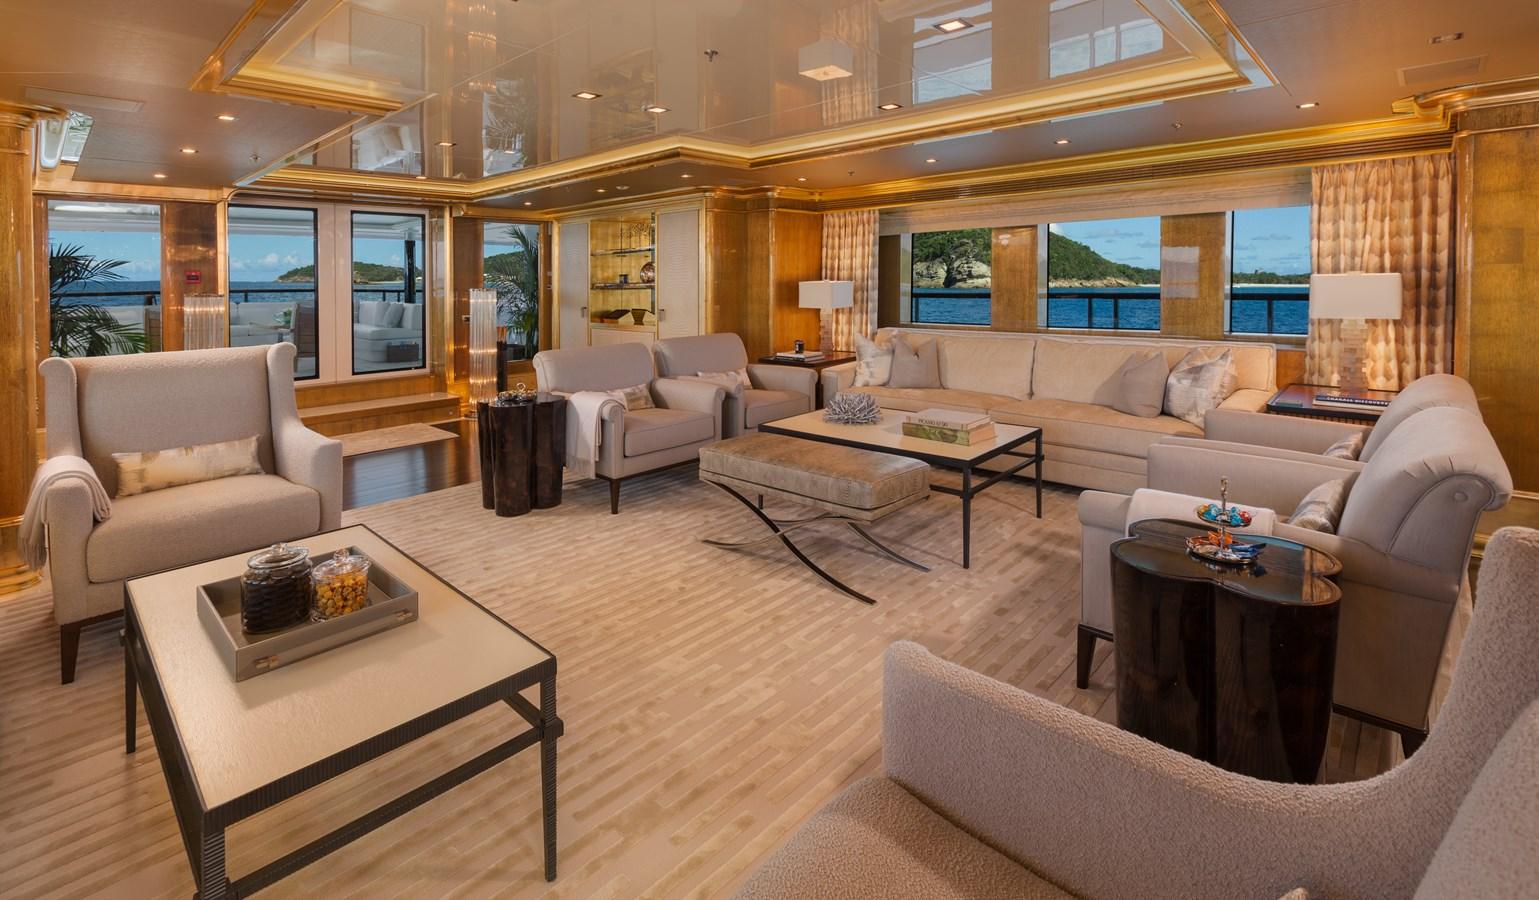 2009 195'9'' Benetti Motor Yacht  Main Salon 2009 BENETTI  Motor Yacht 2890255